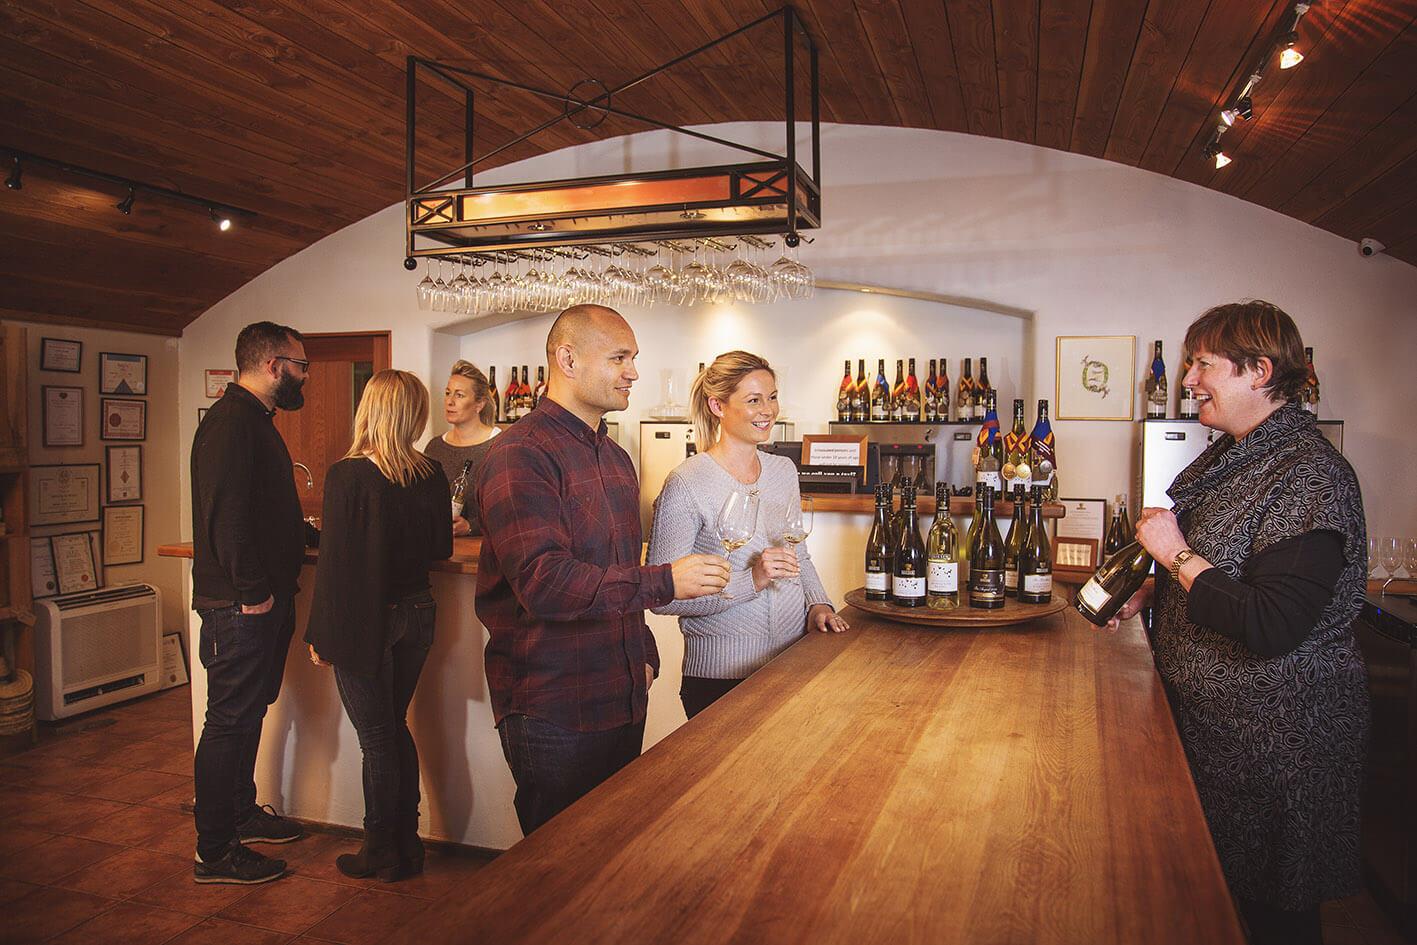 Accoglienza di enoturisti in una cantina con degustazione di vino